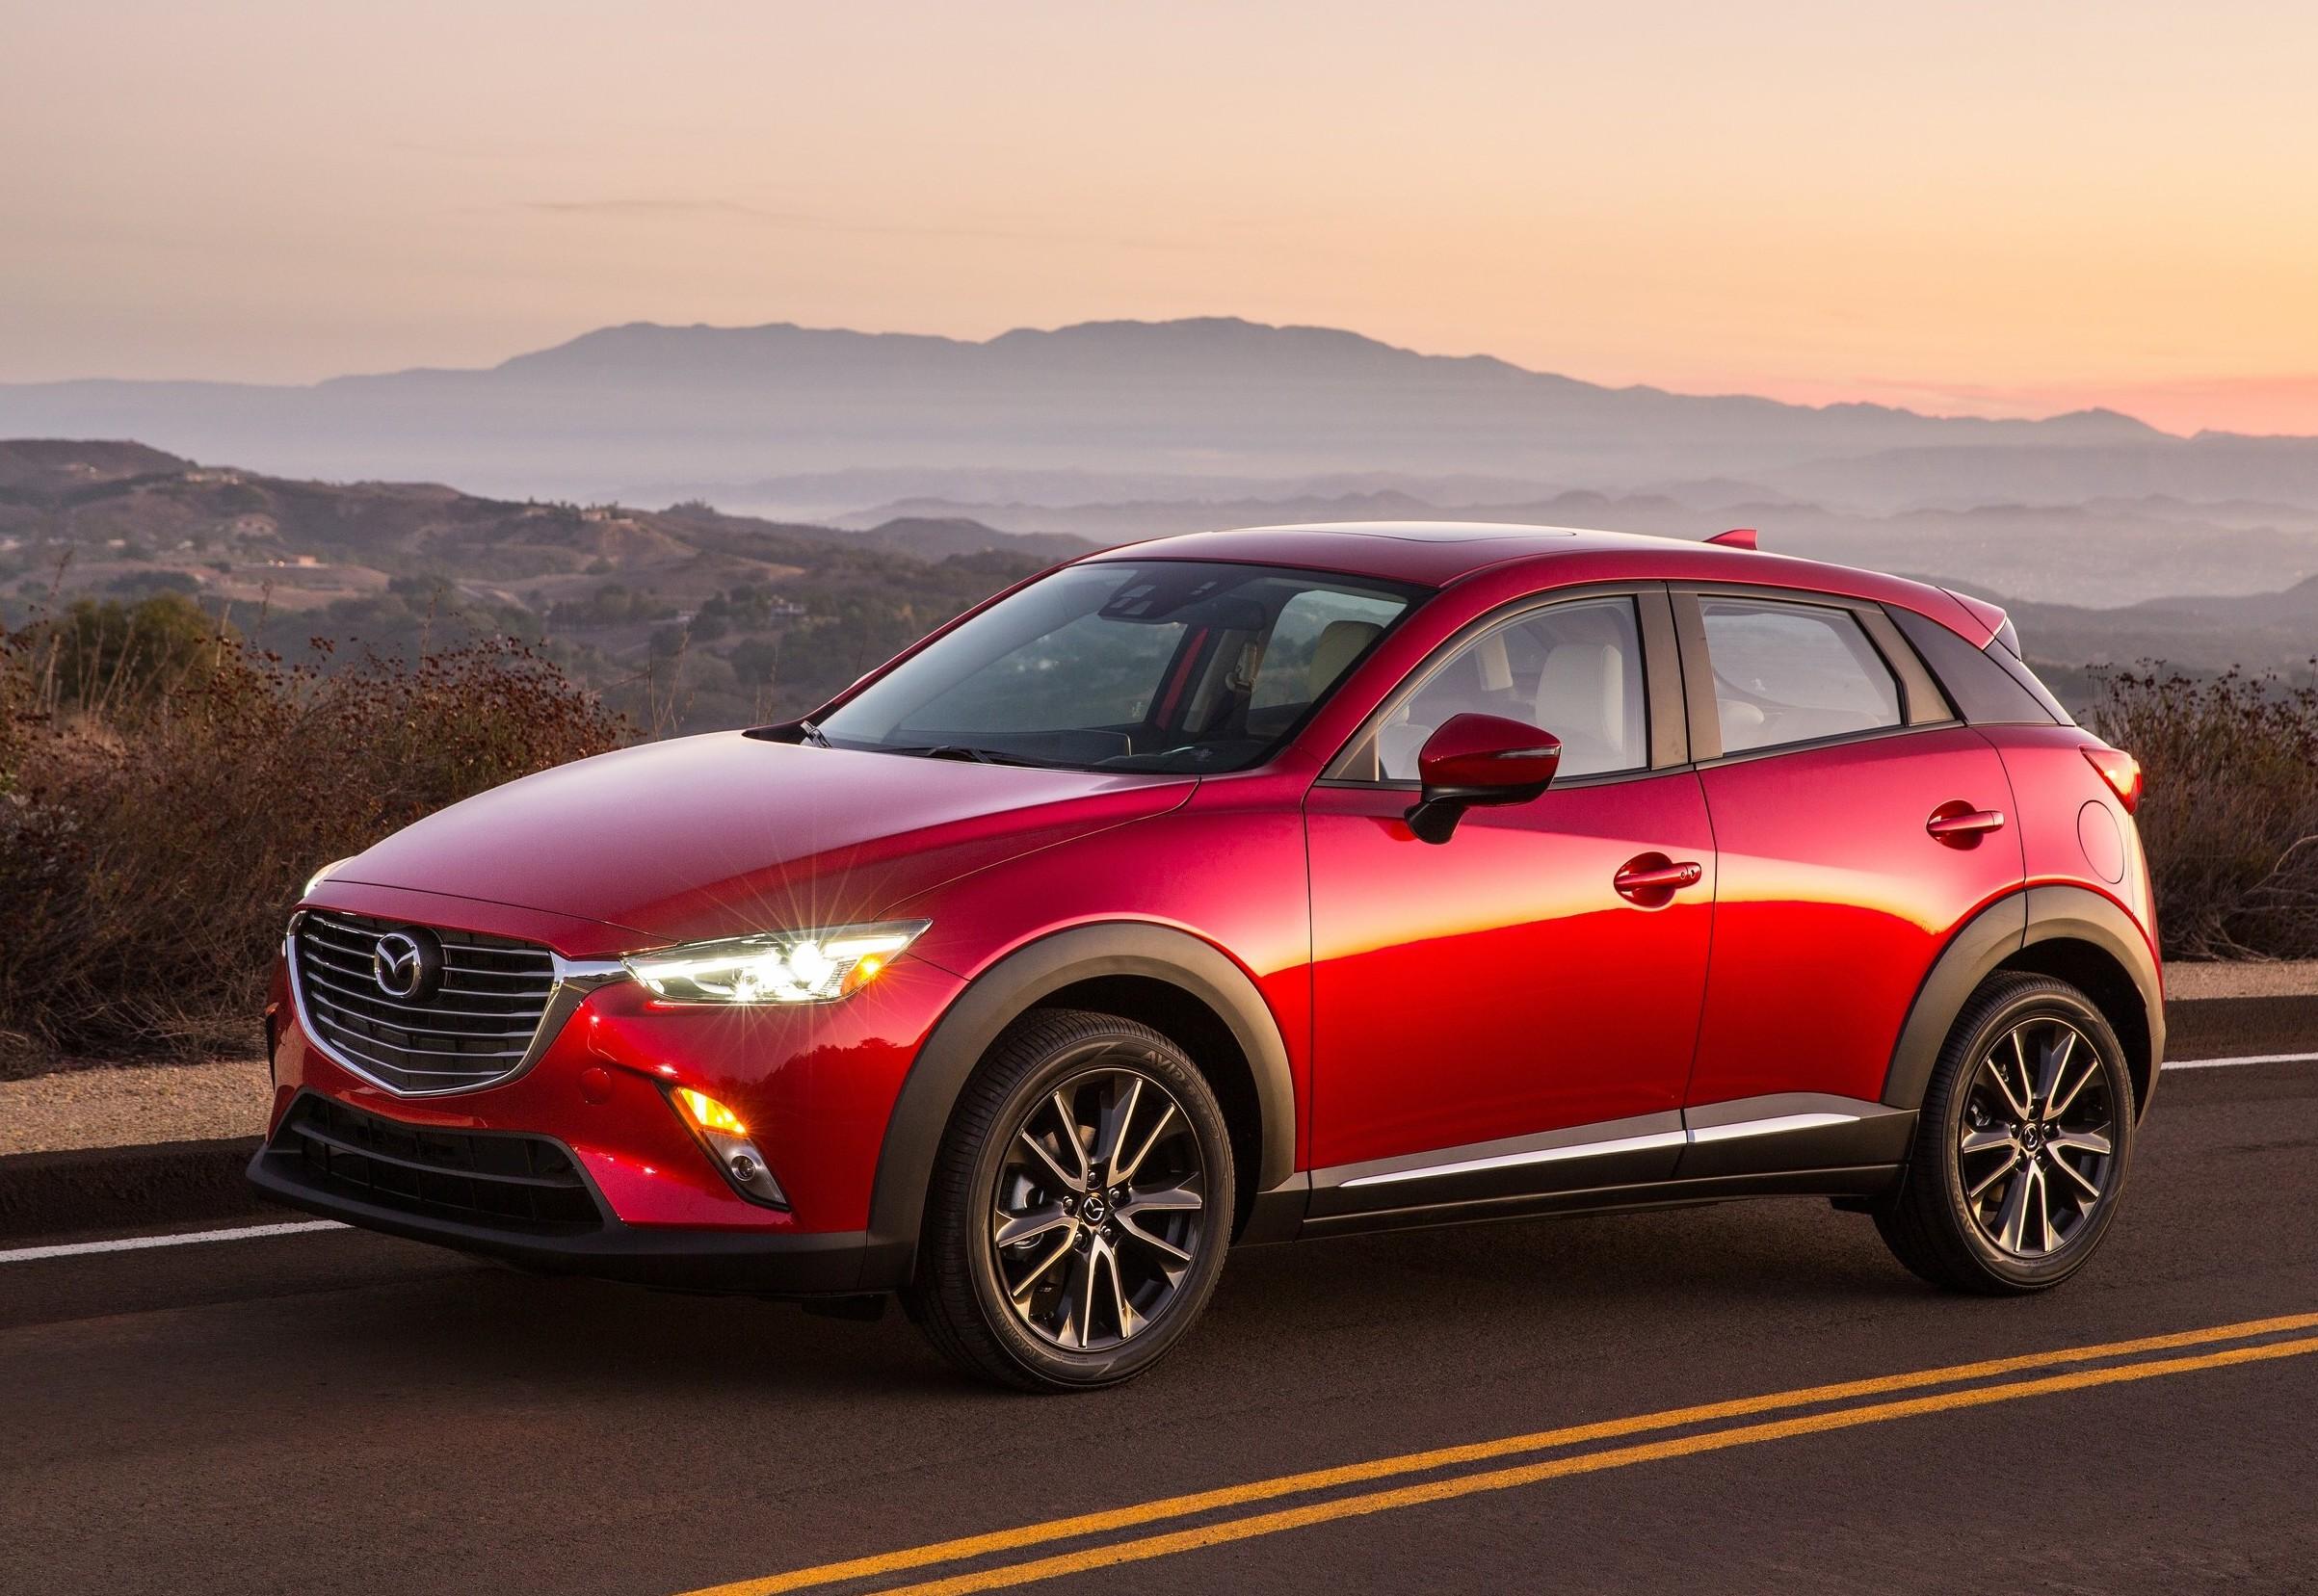 Mazda Design Contest CX-3